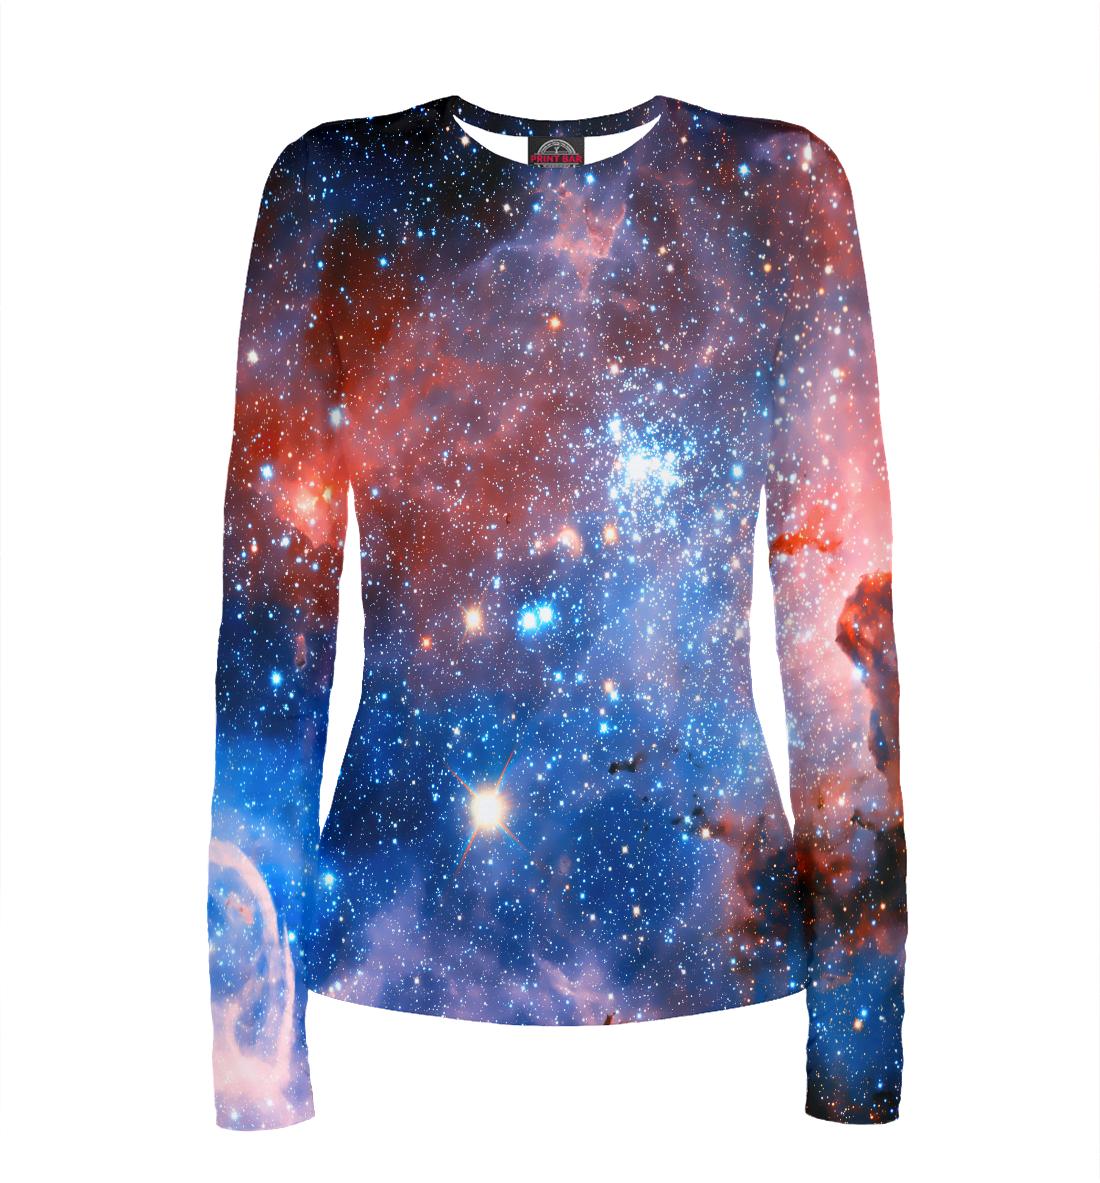 Купить Вселенная, Printbar, Лонгсливы, SPA-628619-lon-1